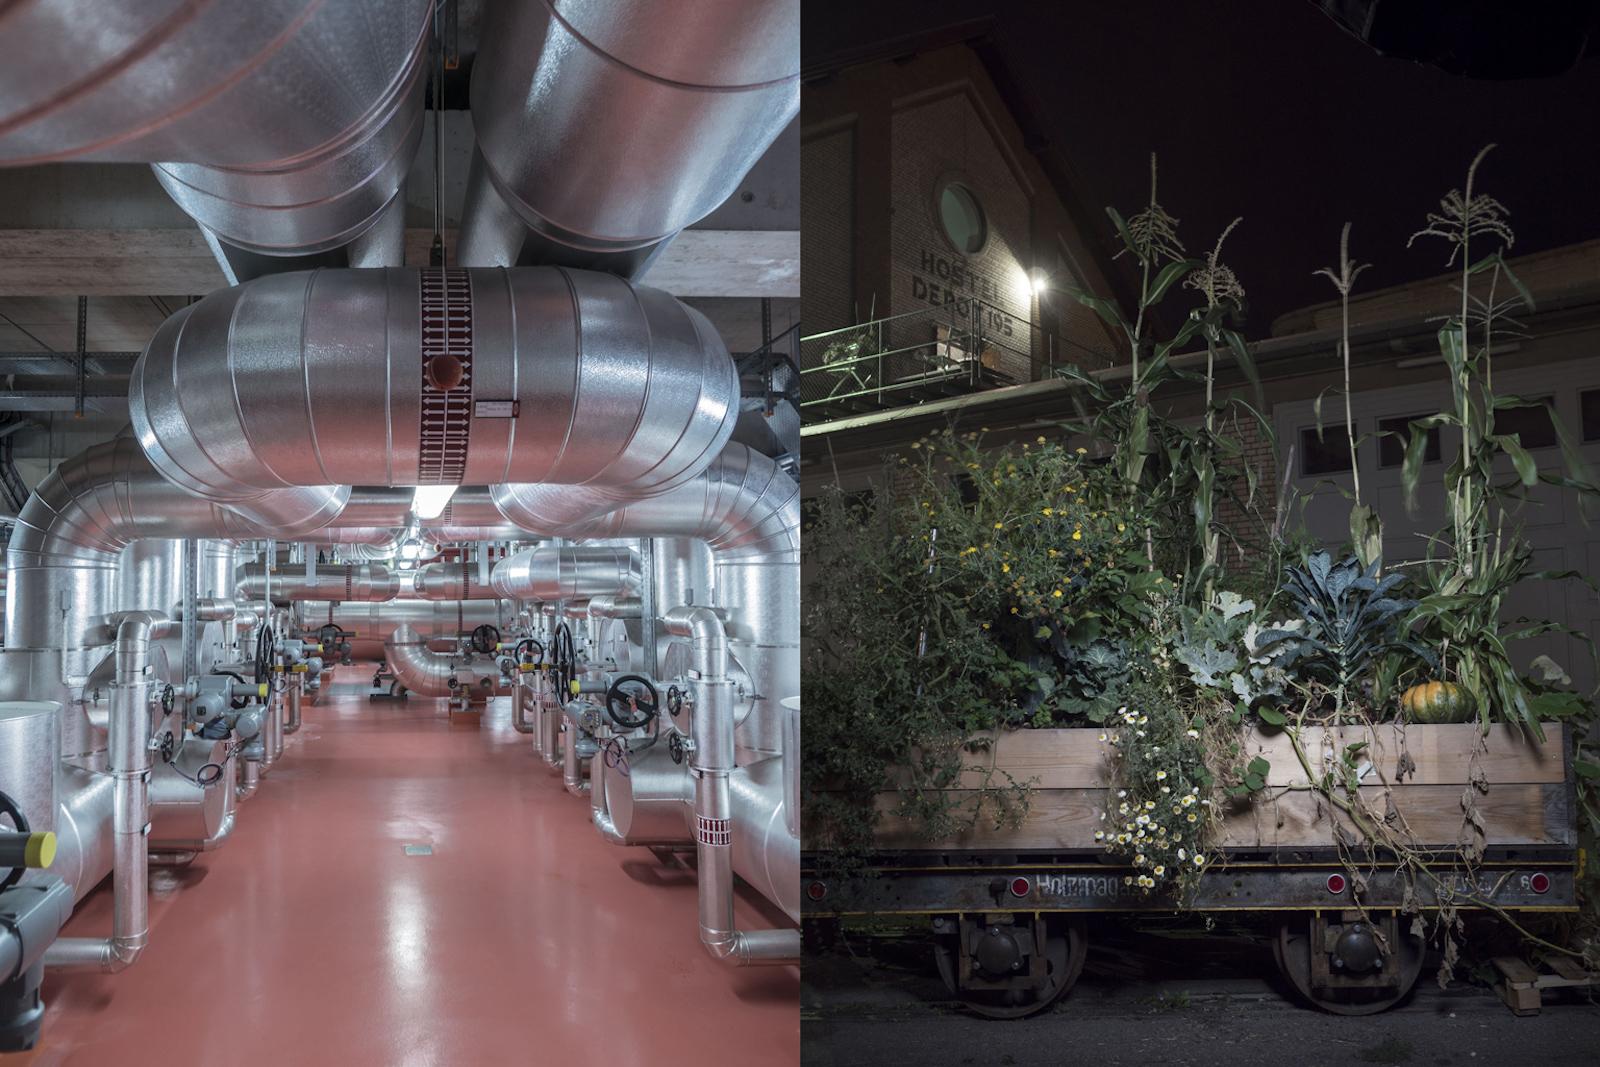 Dans l'installation communale de valorisation des déchets, l'énergie contenue dans les ordures servira à produire de l'électricité et de la chaleur. Des matériaux combustibles seront stockés dans une batterie saisonnière en vue d'être utilisés l'hiver pour générer de l'énergie (à gauche). Les concepts d'urban gardening et d'urban farming se sont déjà invités dans le quotidien. Winterthour verra très bientôt des façades d'habitation entièrement végétalisées. Le «vertical gardening» ne se contente pas d'embellir la ville, il contribue aussi à en purifier l'air (à droite). (Robert Huber)